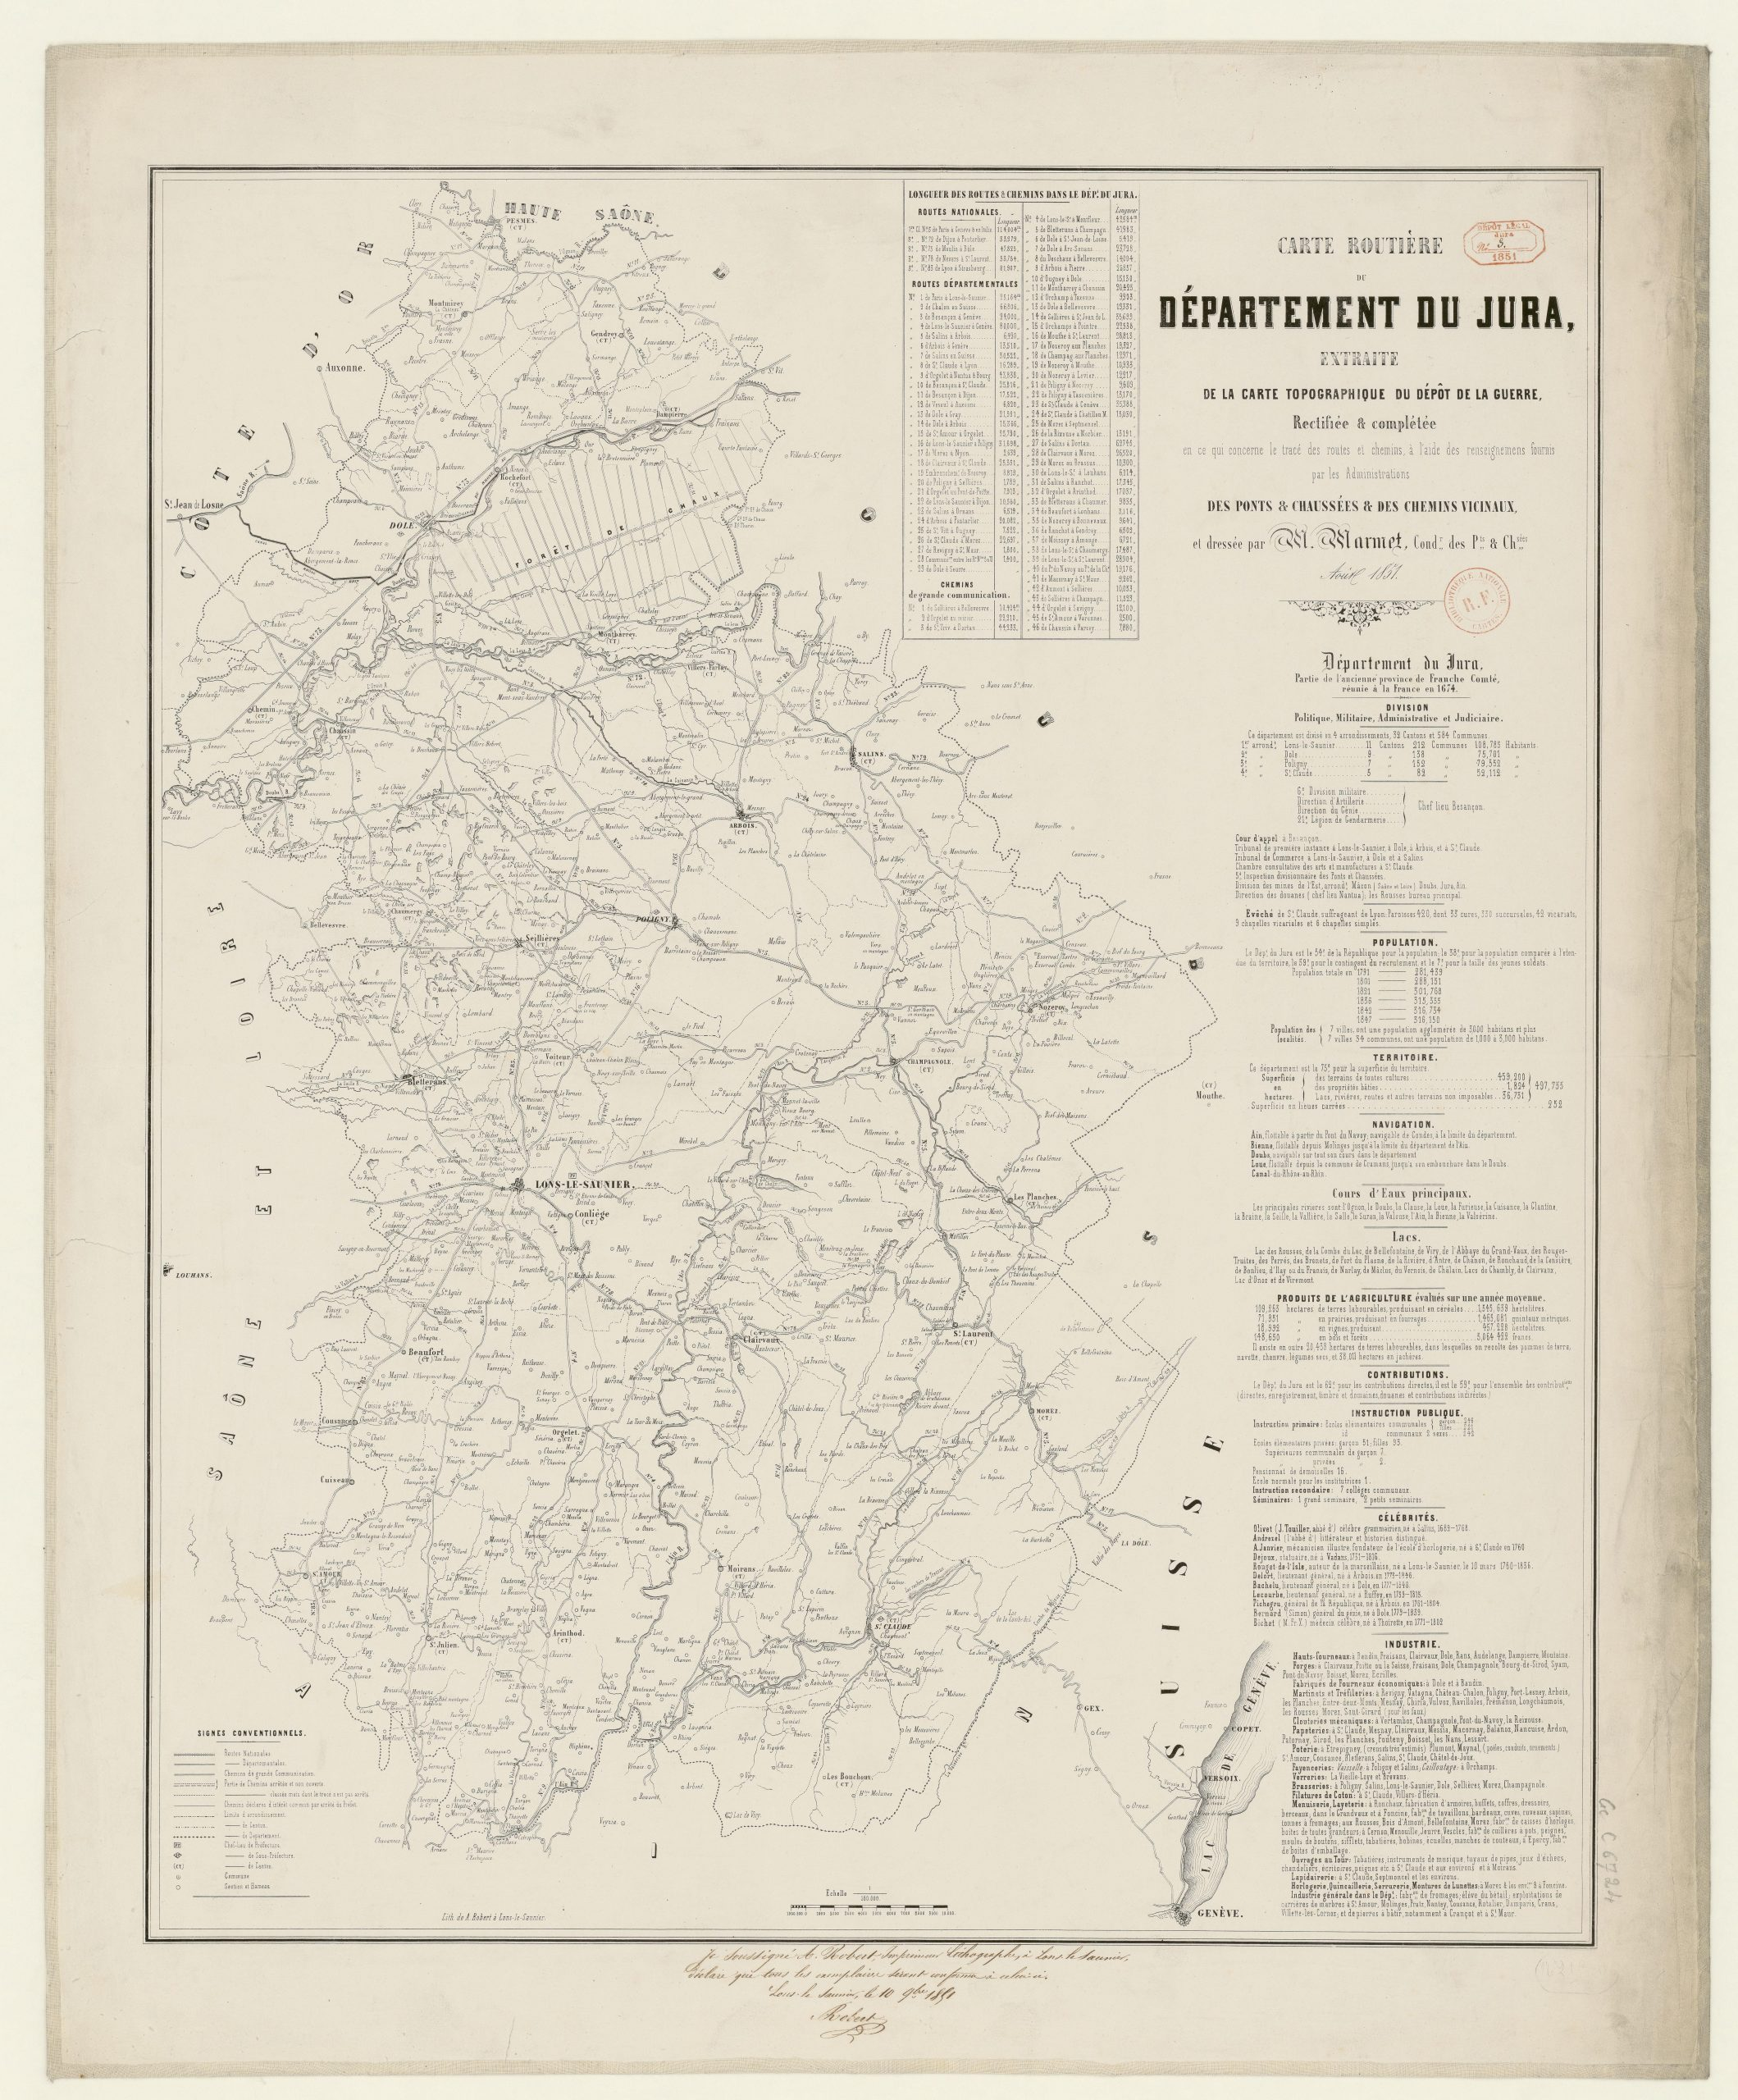 File:carte Routière Du Département Du Jura - 1851 pour Département 13 Carte